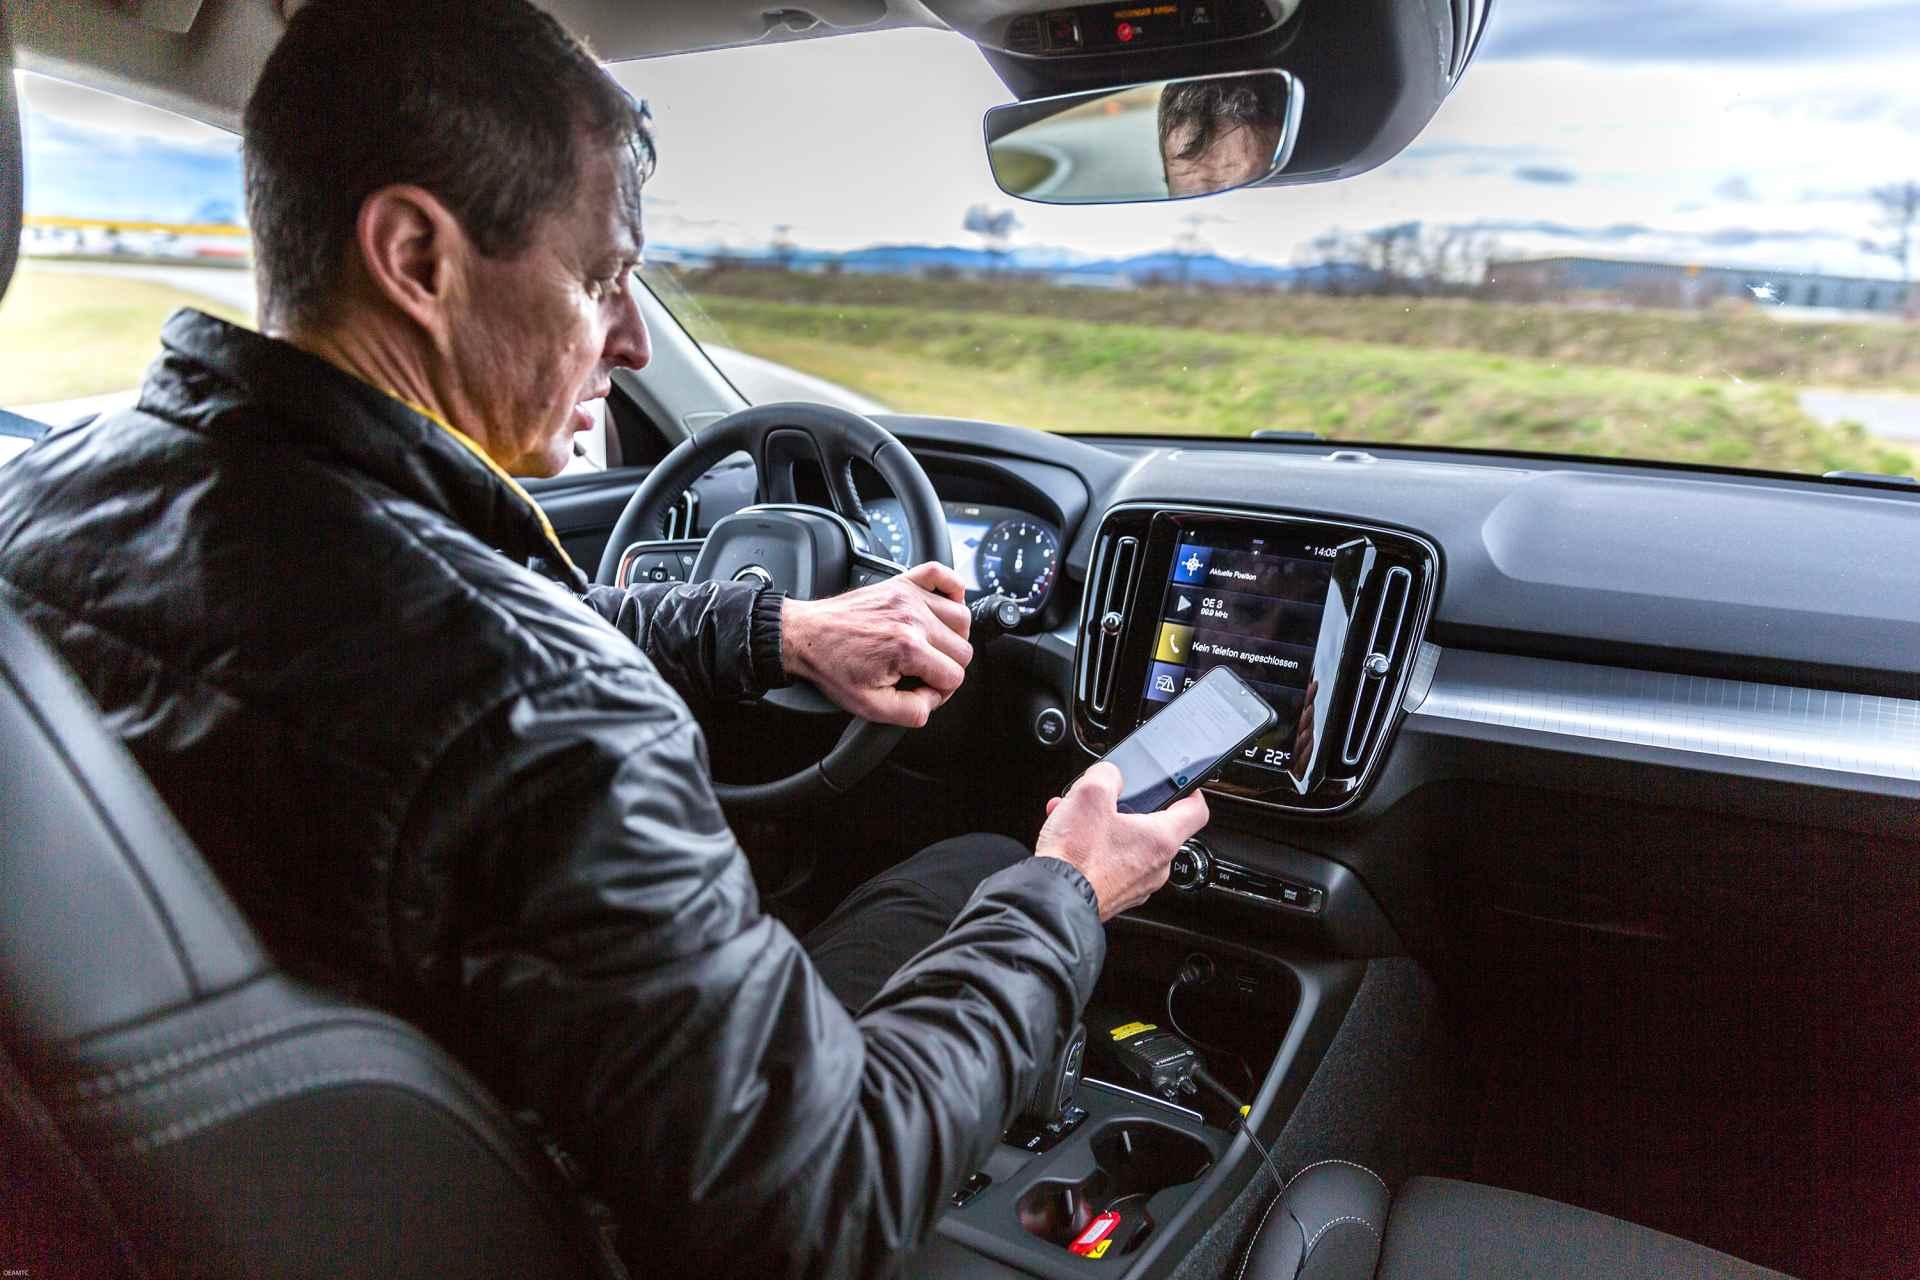 Autofahrer liest Nachricht auf Smartphone